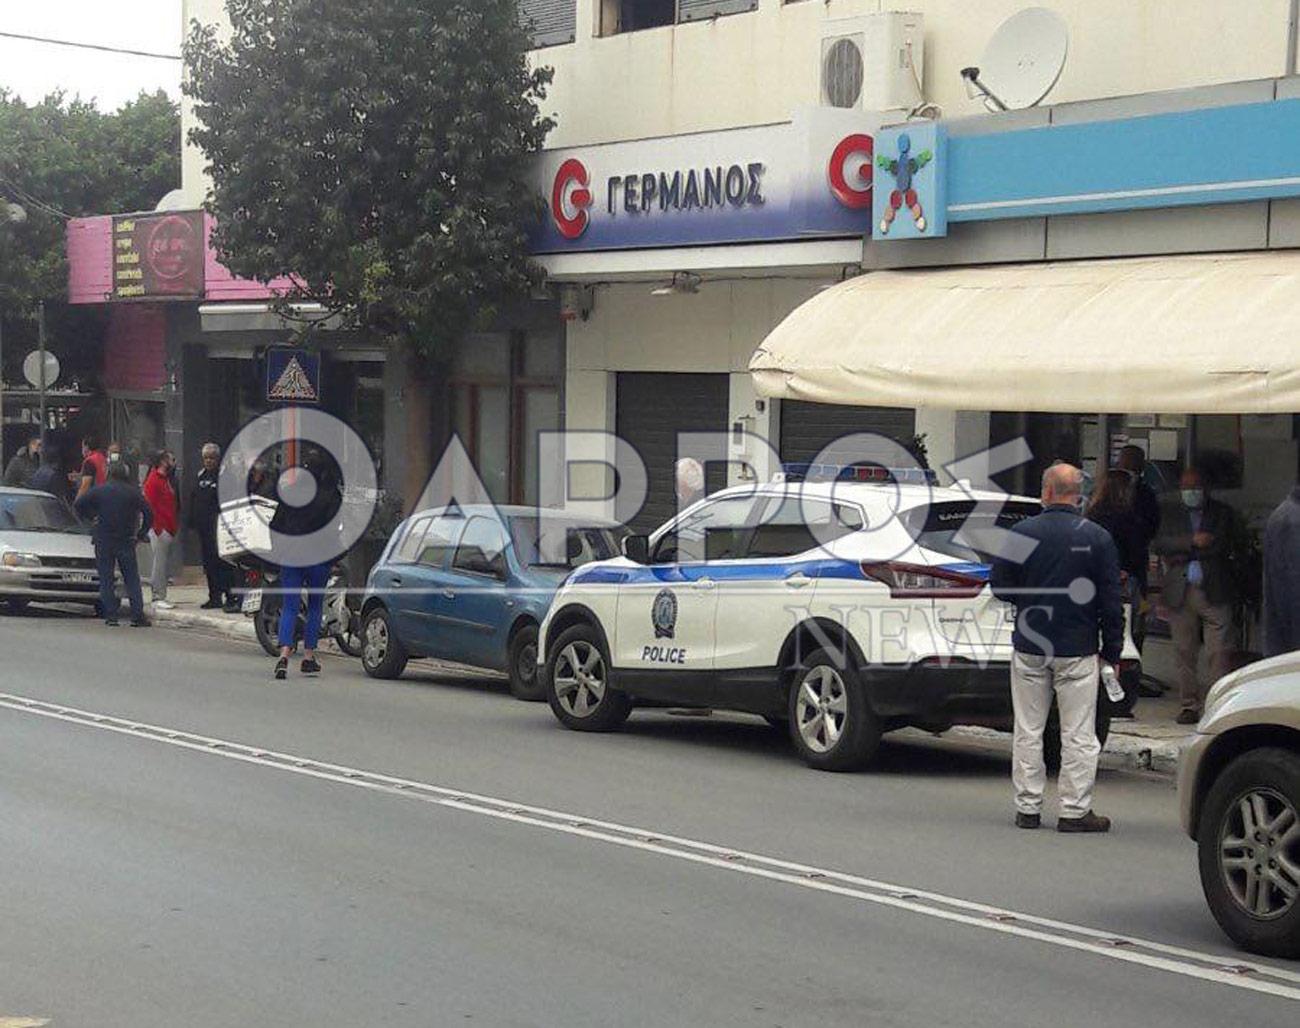 Σοκ στην Κυπαρισσία: 67χρονος πυροβόλησε και σκότωσε εργαζόμενο σε κατάστημα